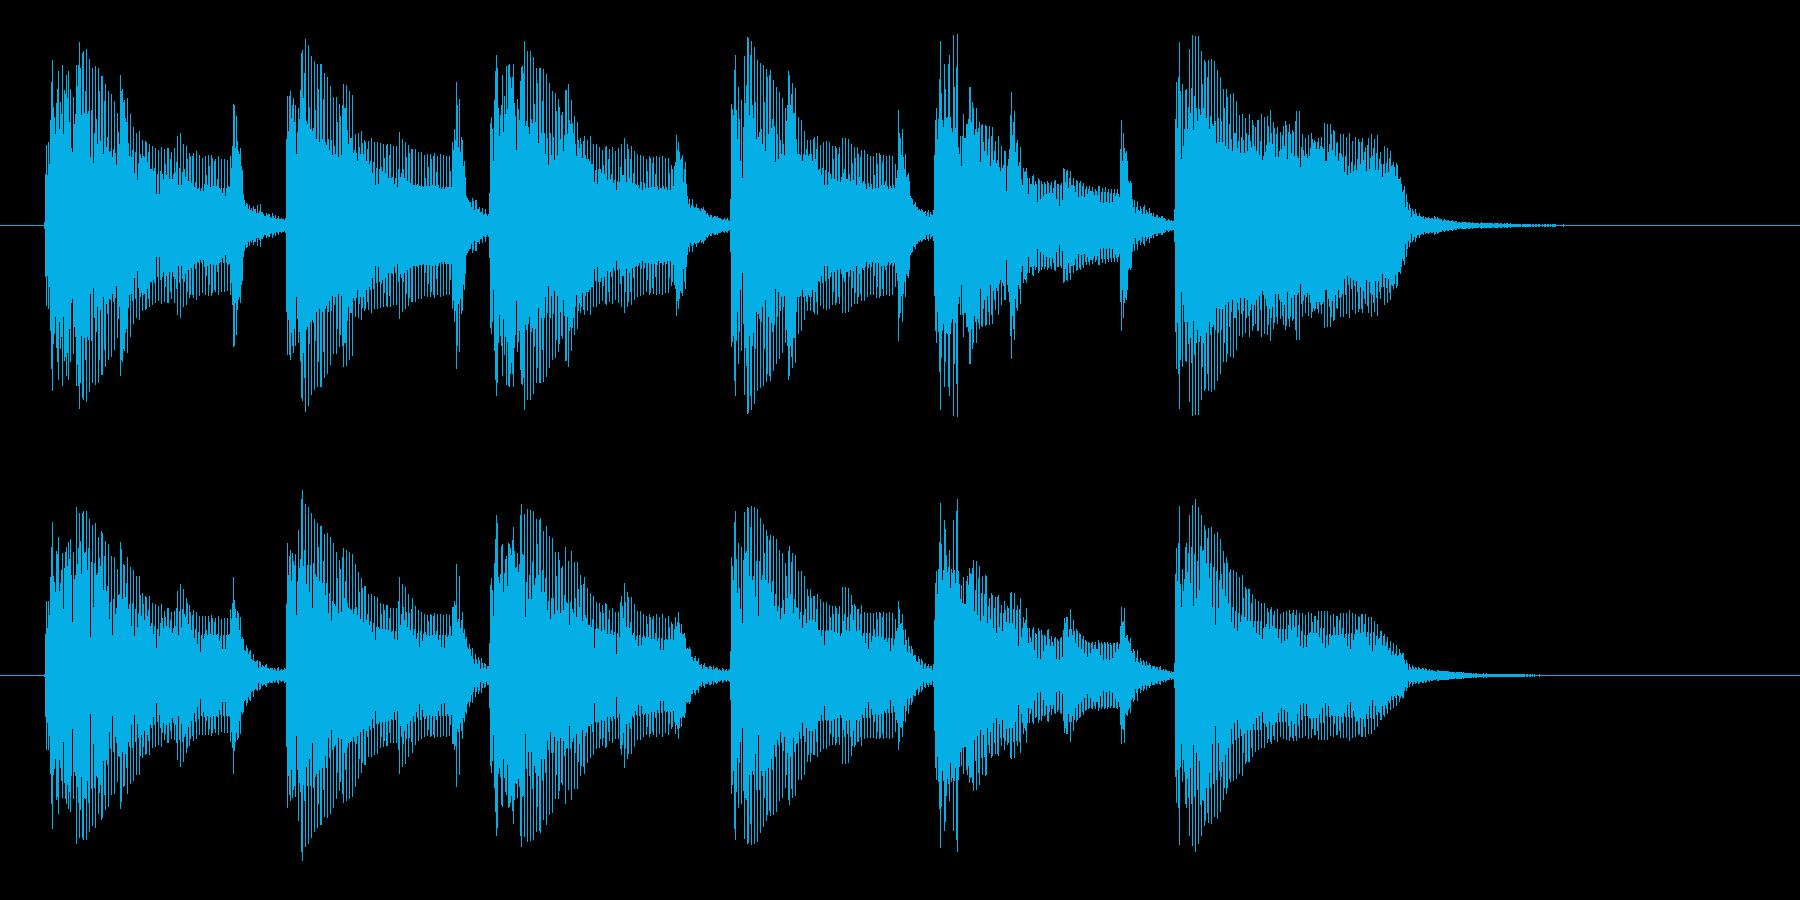 緊迫感と怪しさのあるインスト曲の再生済みの波形